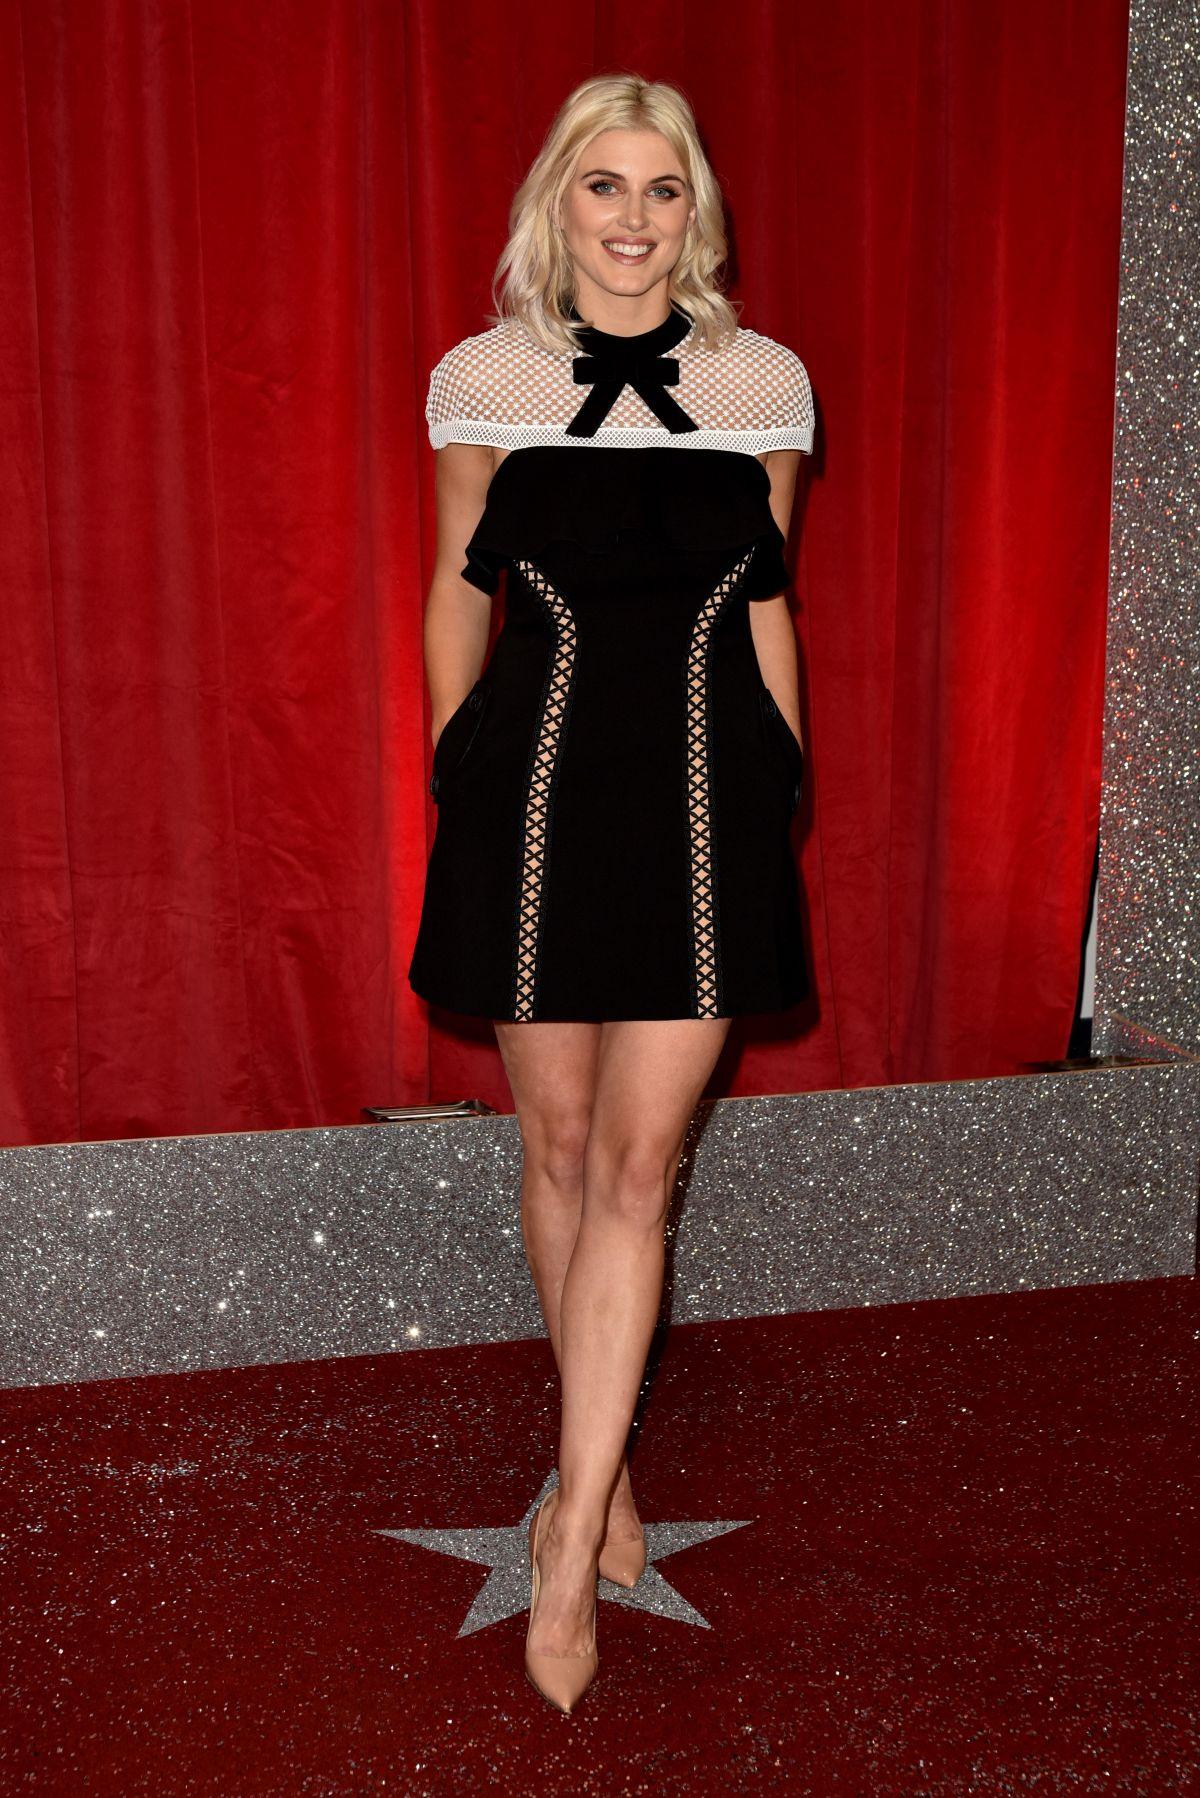 Ashley james british soap awards in manchester uk naked (26 photos), Ass Celebrites image